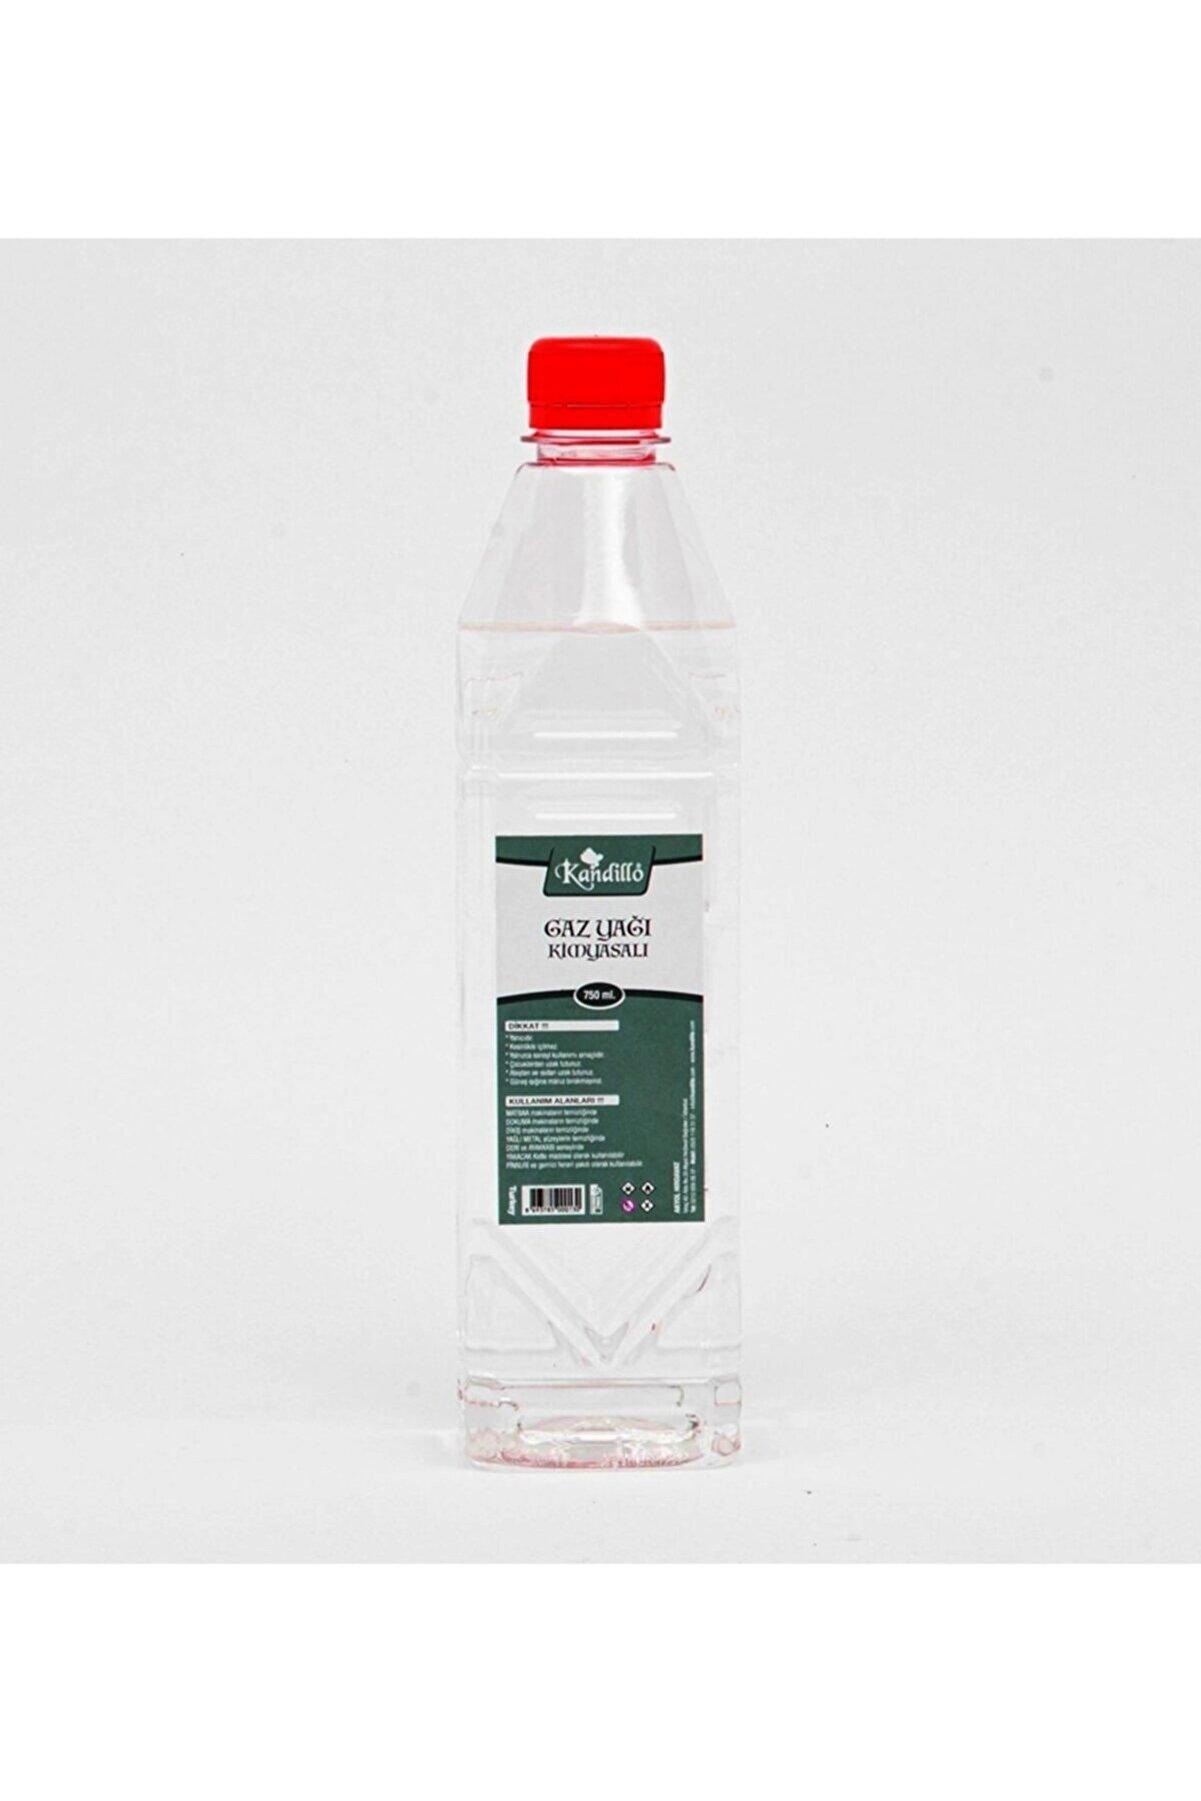 Kandillo Gazyağı Gaz Lambası Yağı 750 Ml. Gaz Sobası Boya Koruma Zift Reçine Zincir Yedek Parça Temizleyici